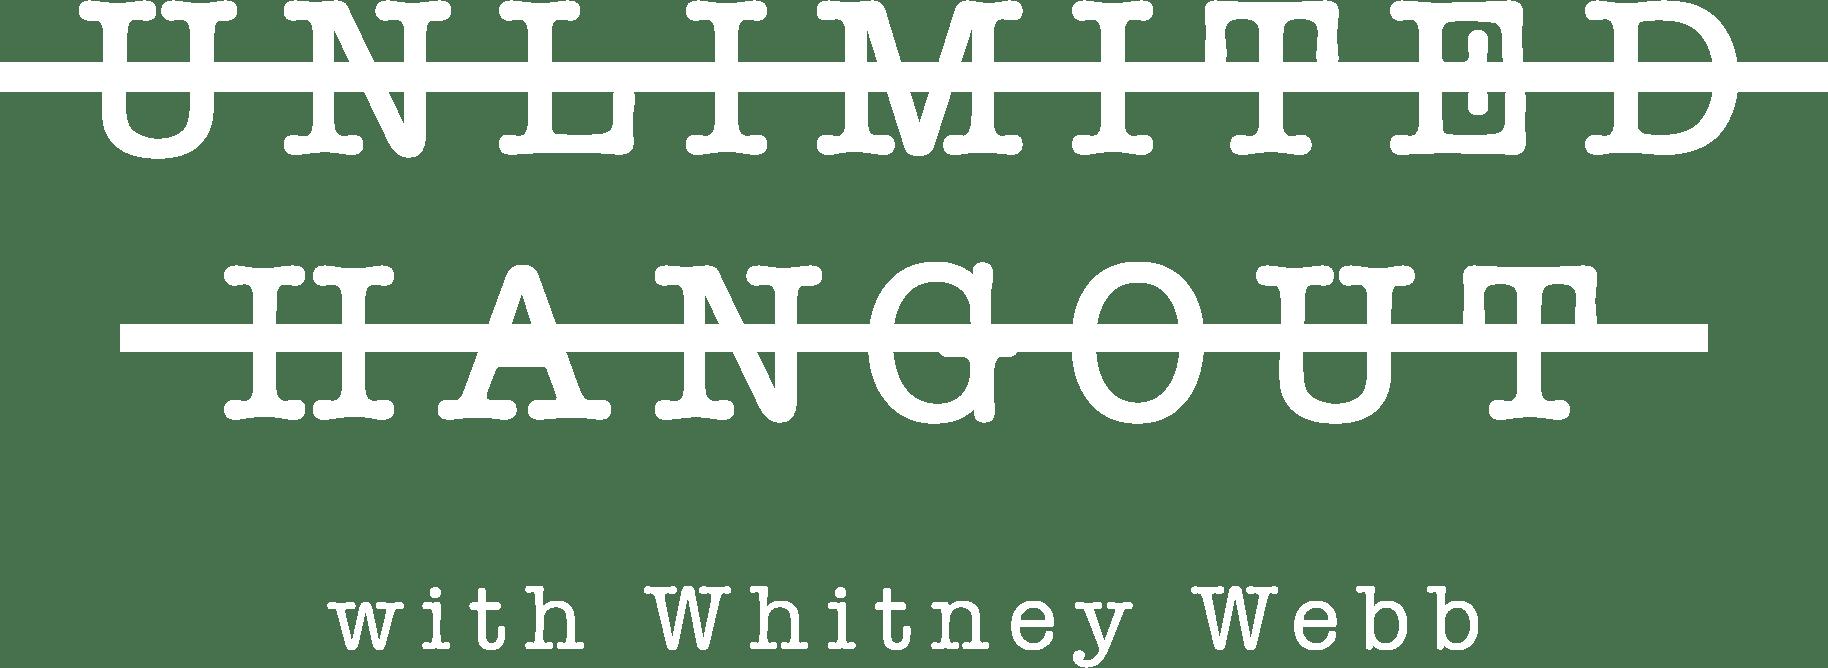 unlimitedhangout.com